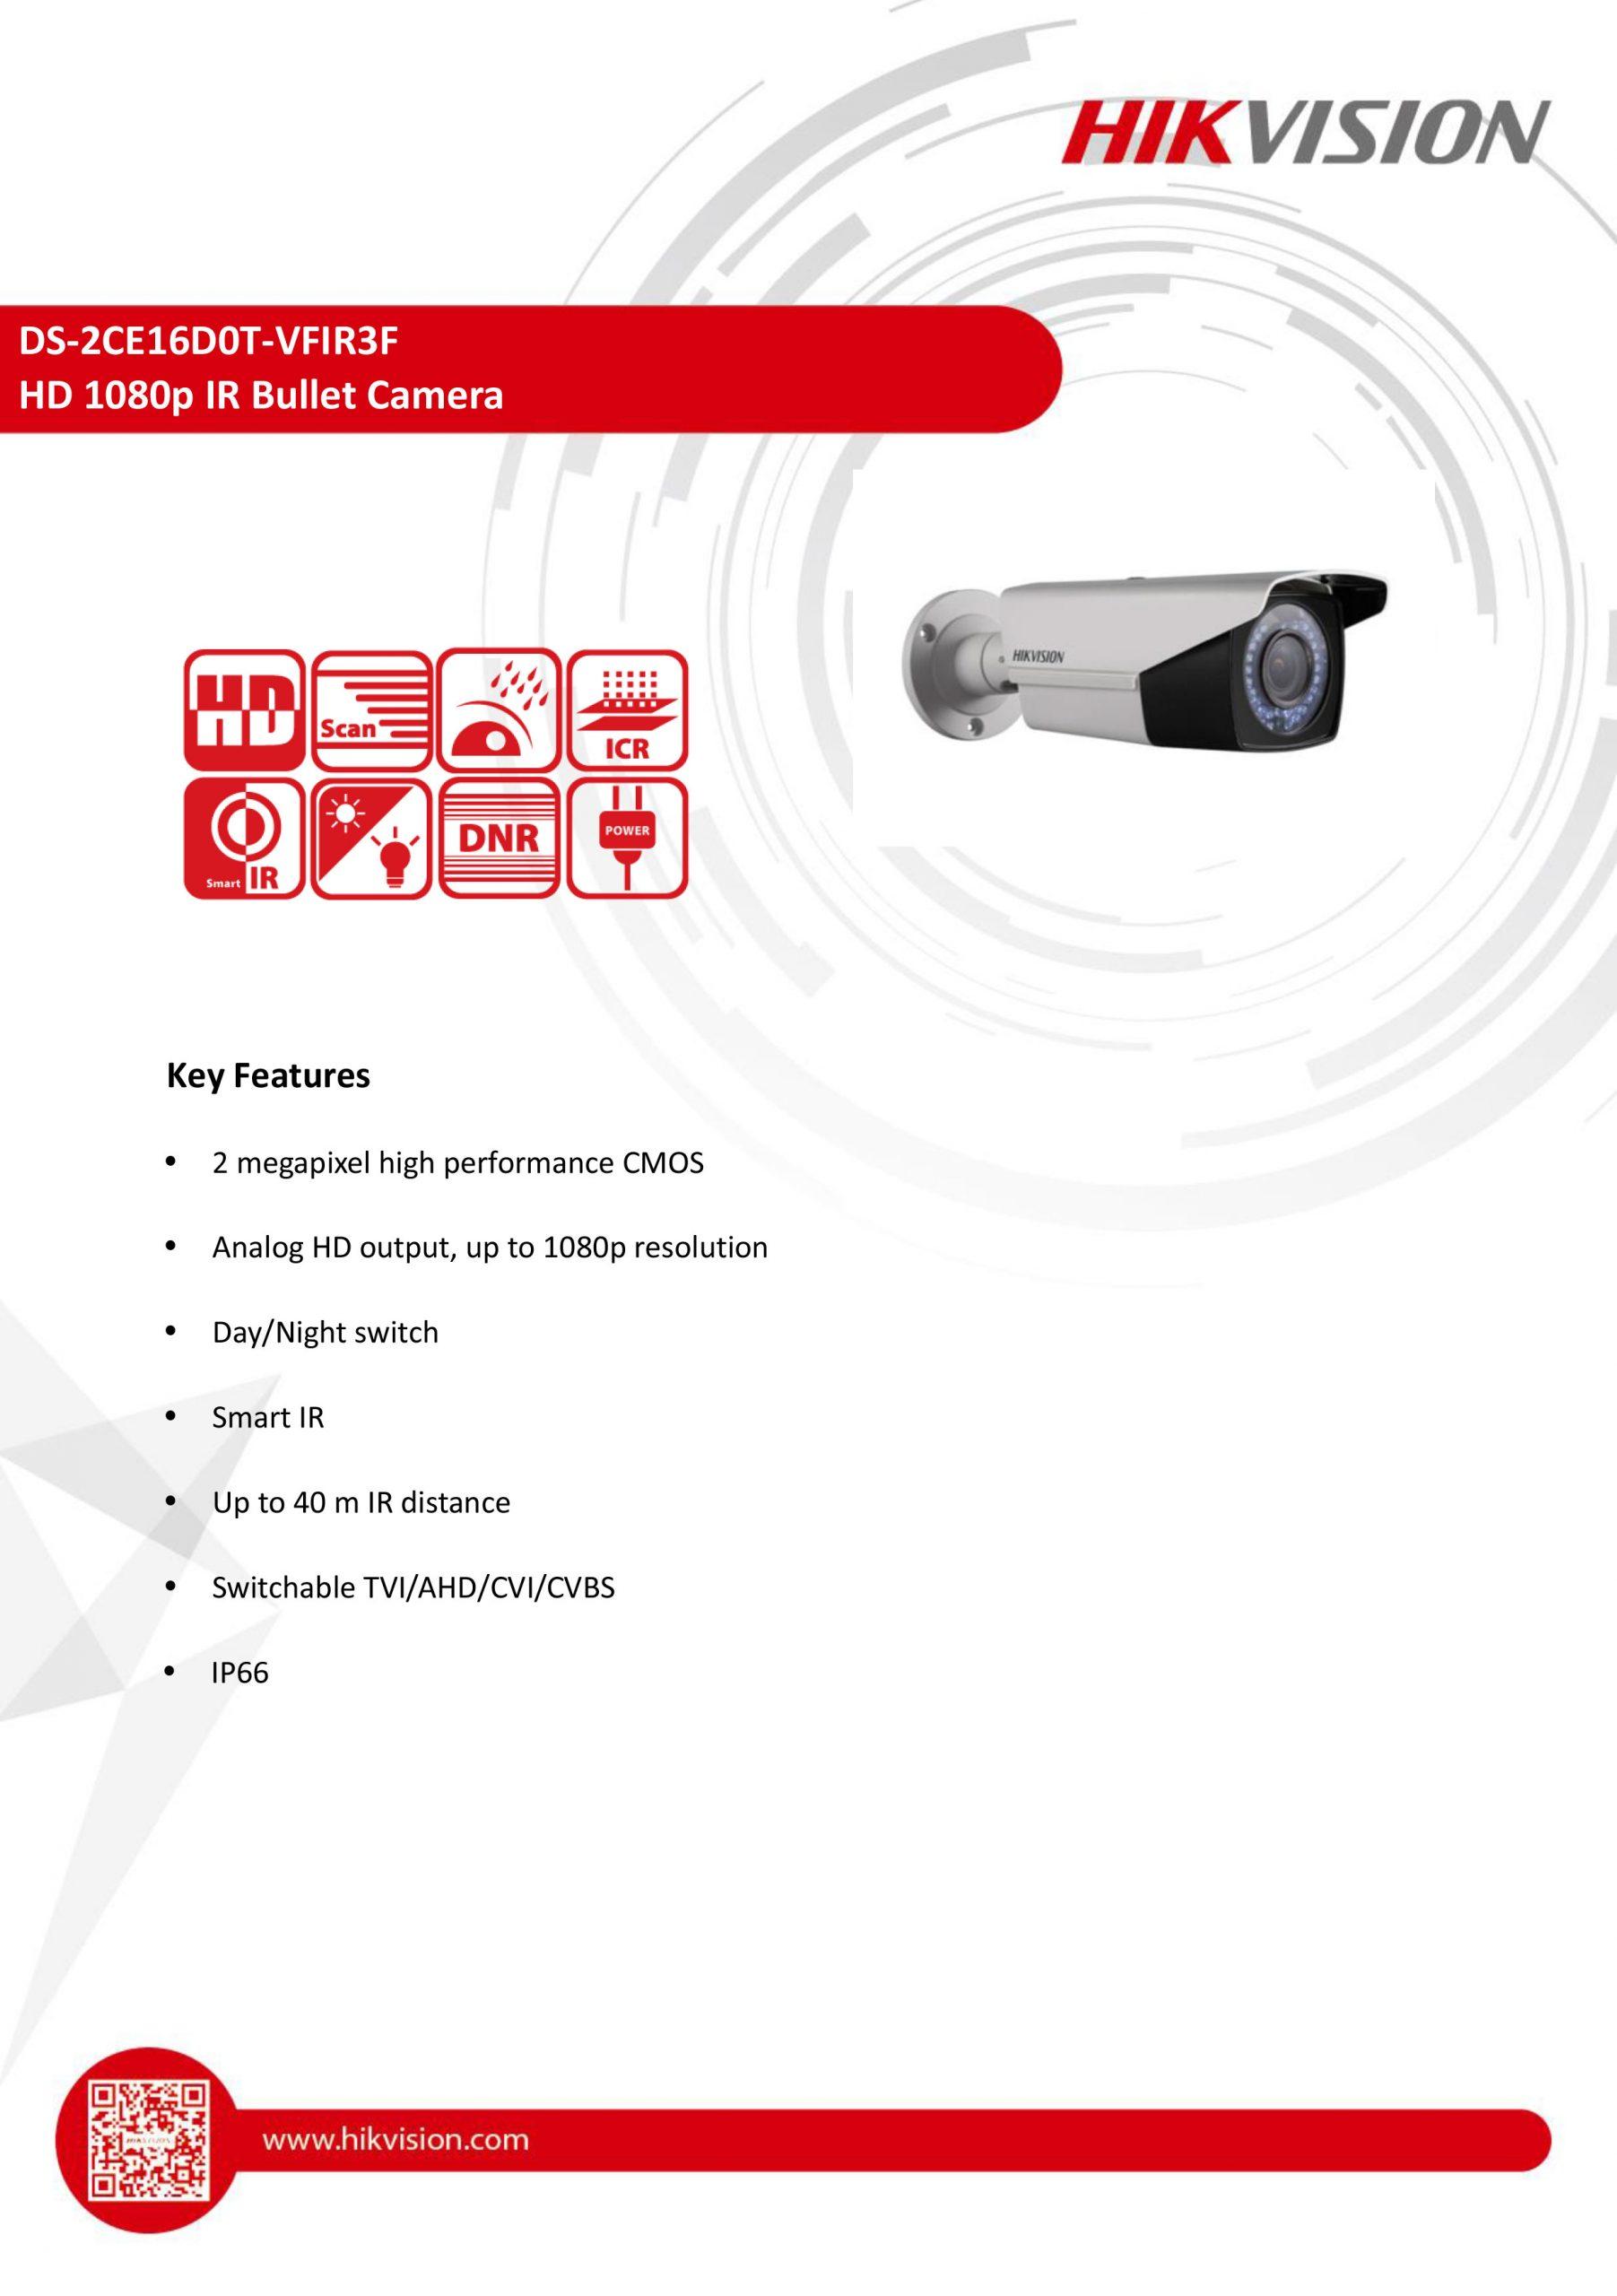 Hikvision DS-2CE16D0T-VFIR3F 2 MP Manual Varifocal Bullet Camera